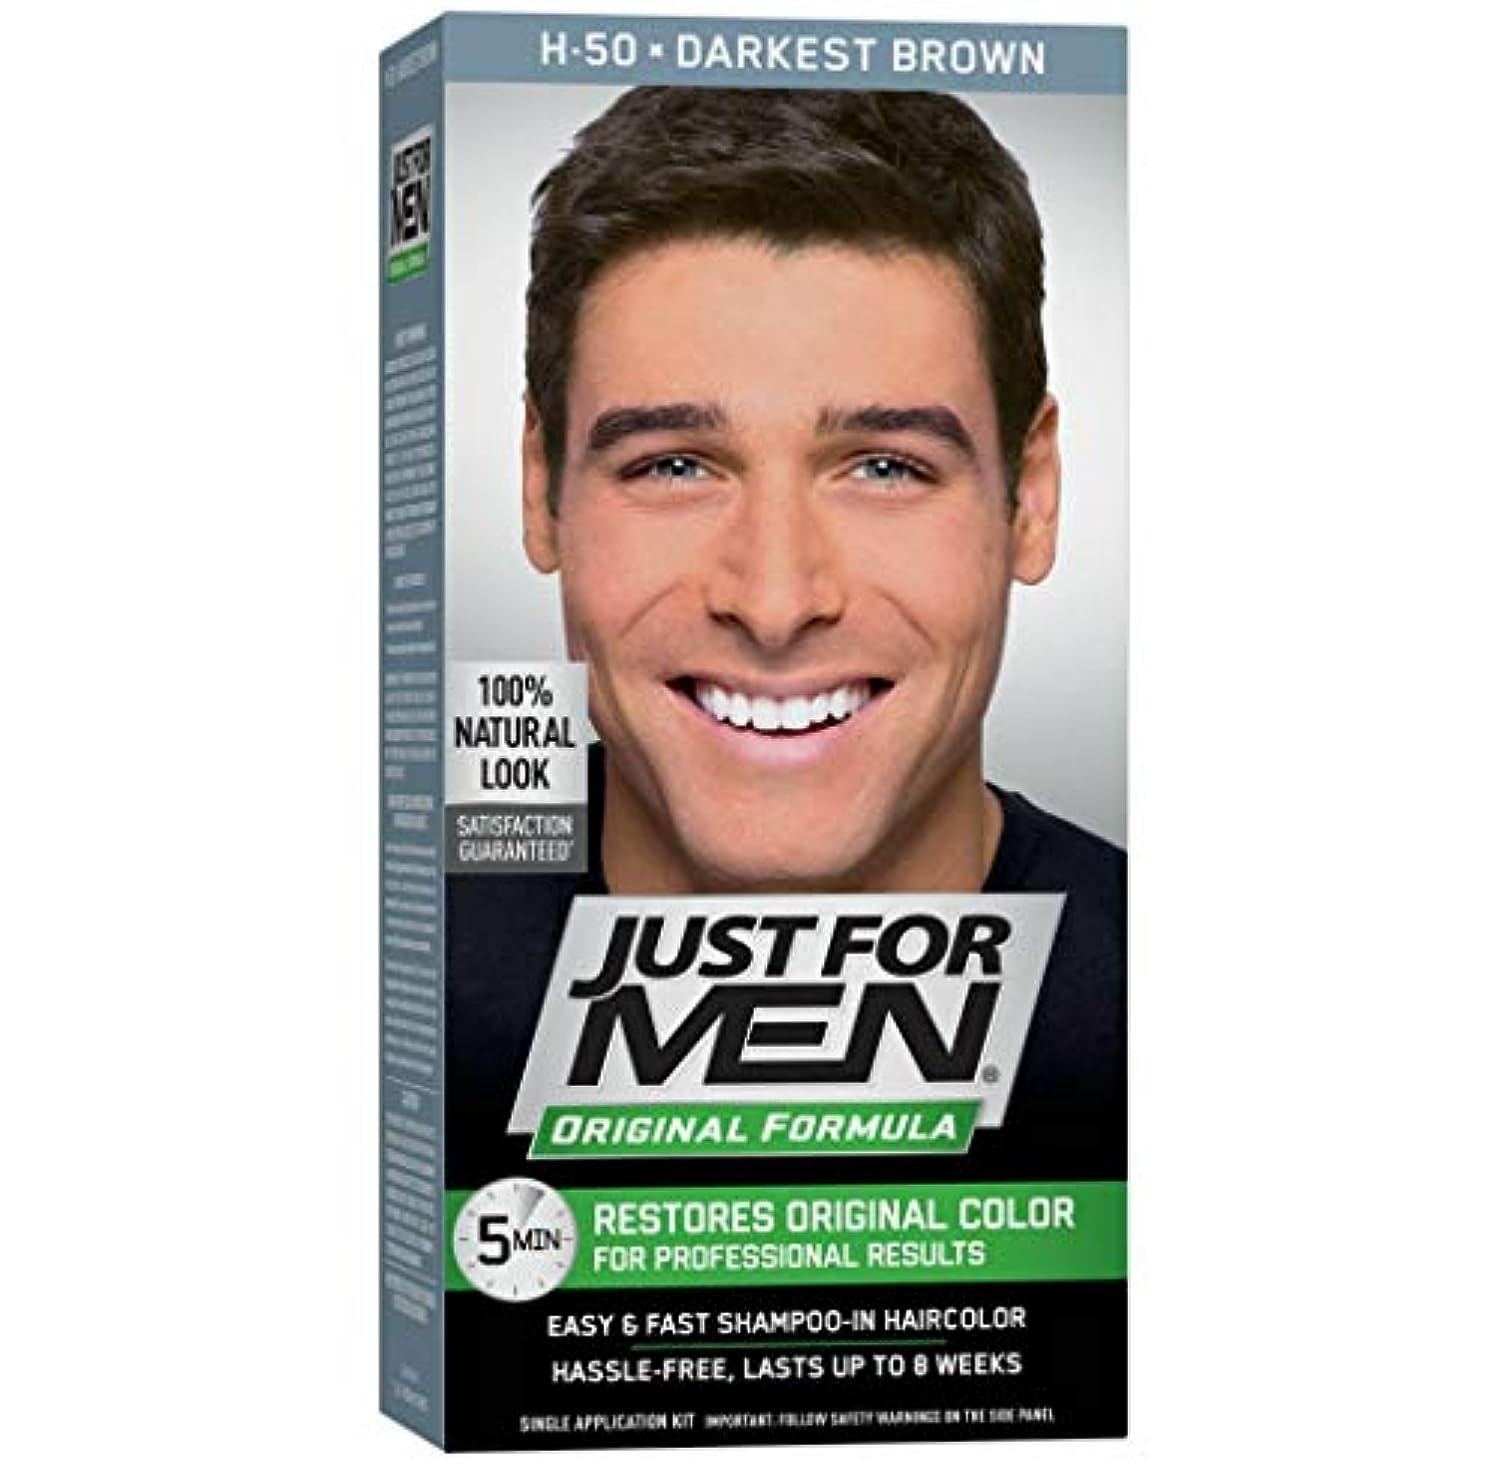 モロニック不正せがむJust for Men Shampoo-In Hair Color Darkest Brown 50 (並行輸入品)